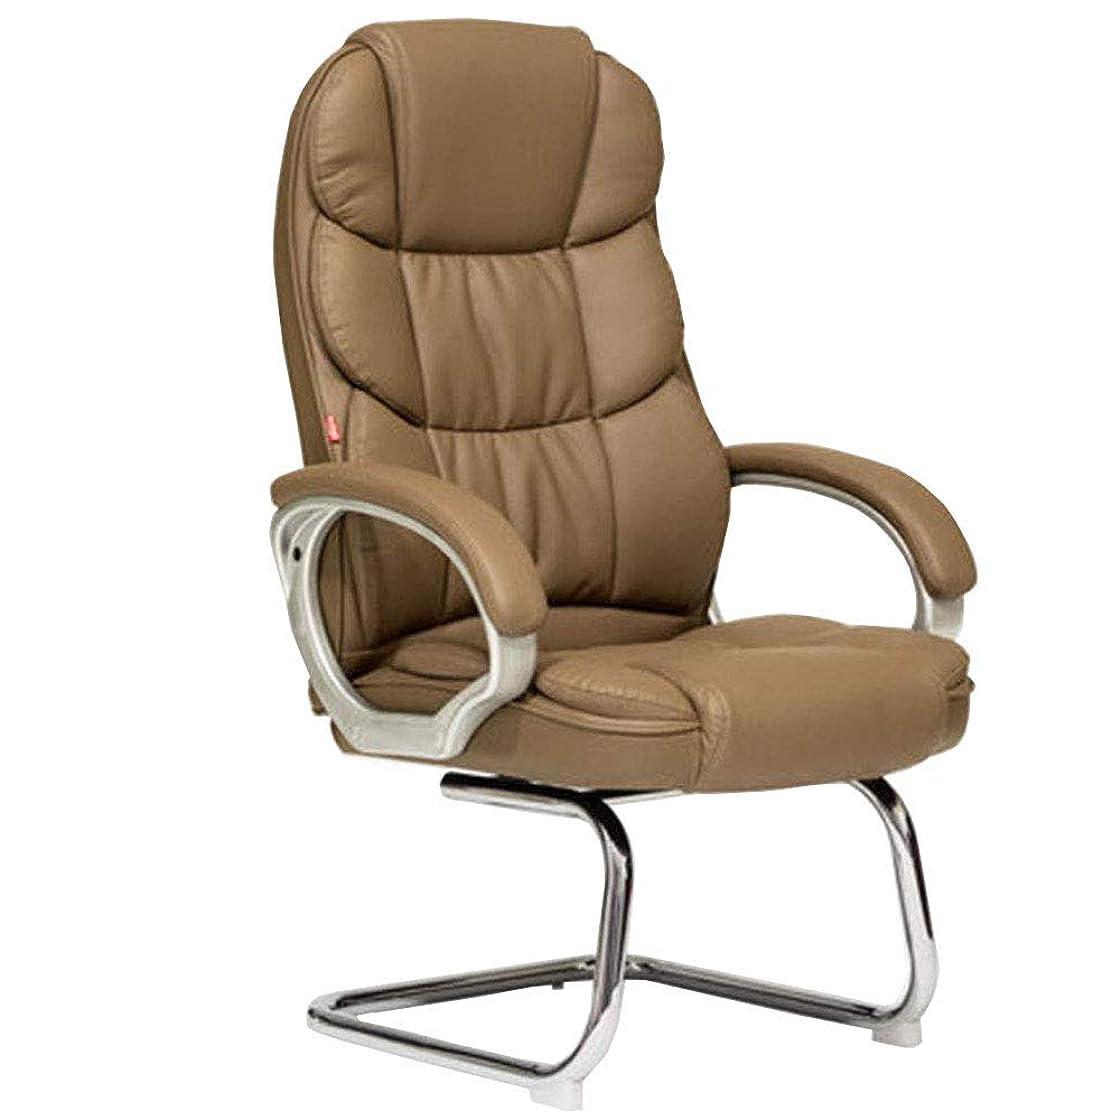 オーロック硬化する軽くコンピュータチェアKgbowコンピュータチェア極細繊維レザー表面を延長する生命はホームアーチデザインスチール+ PU、PPチェア 椅子 (Color : Brown)